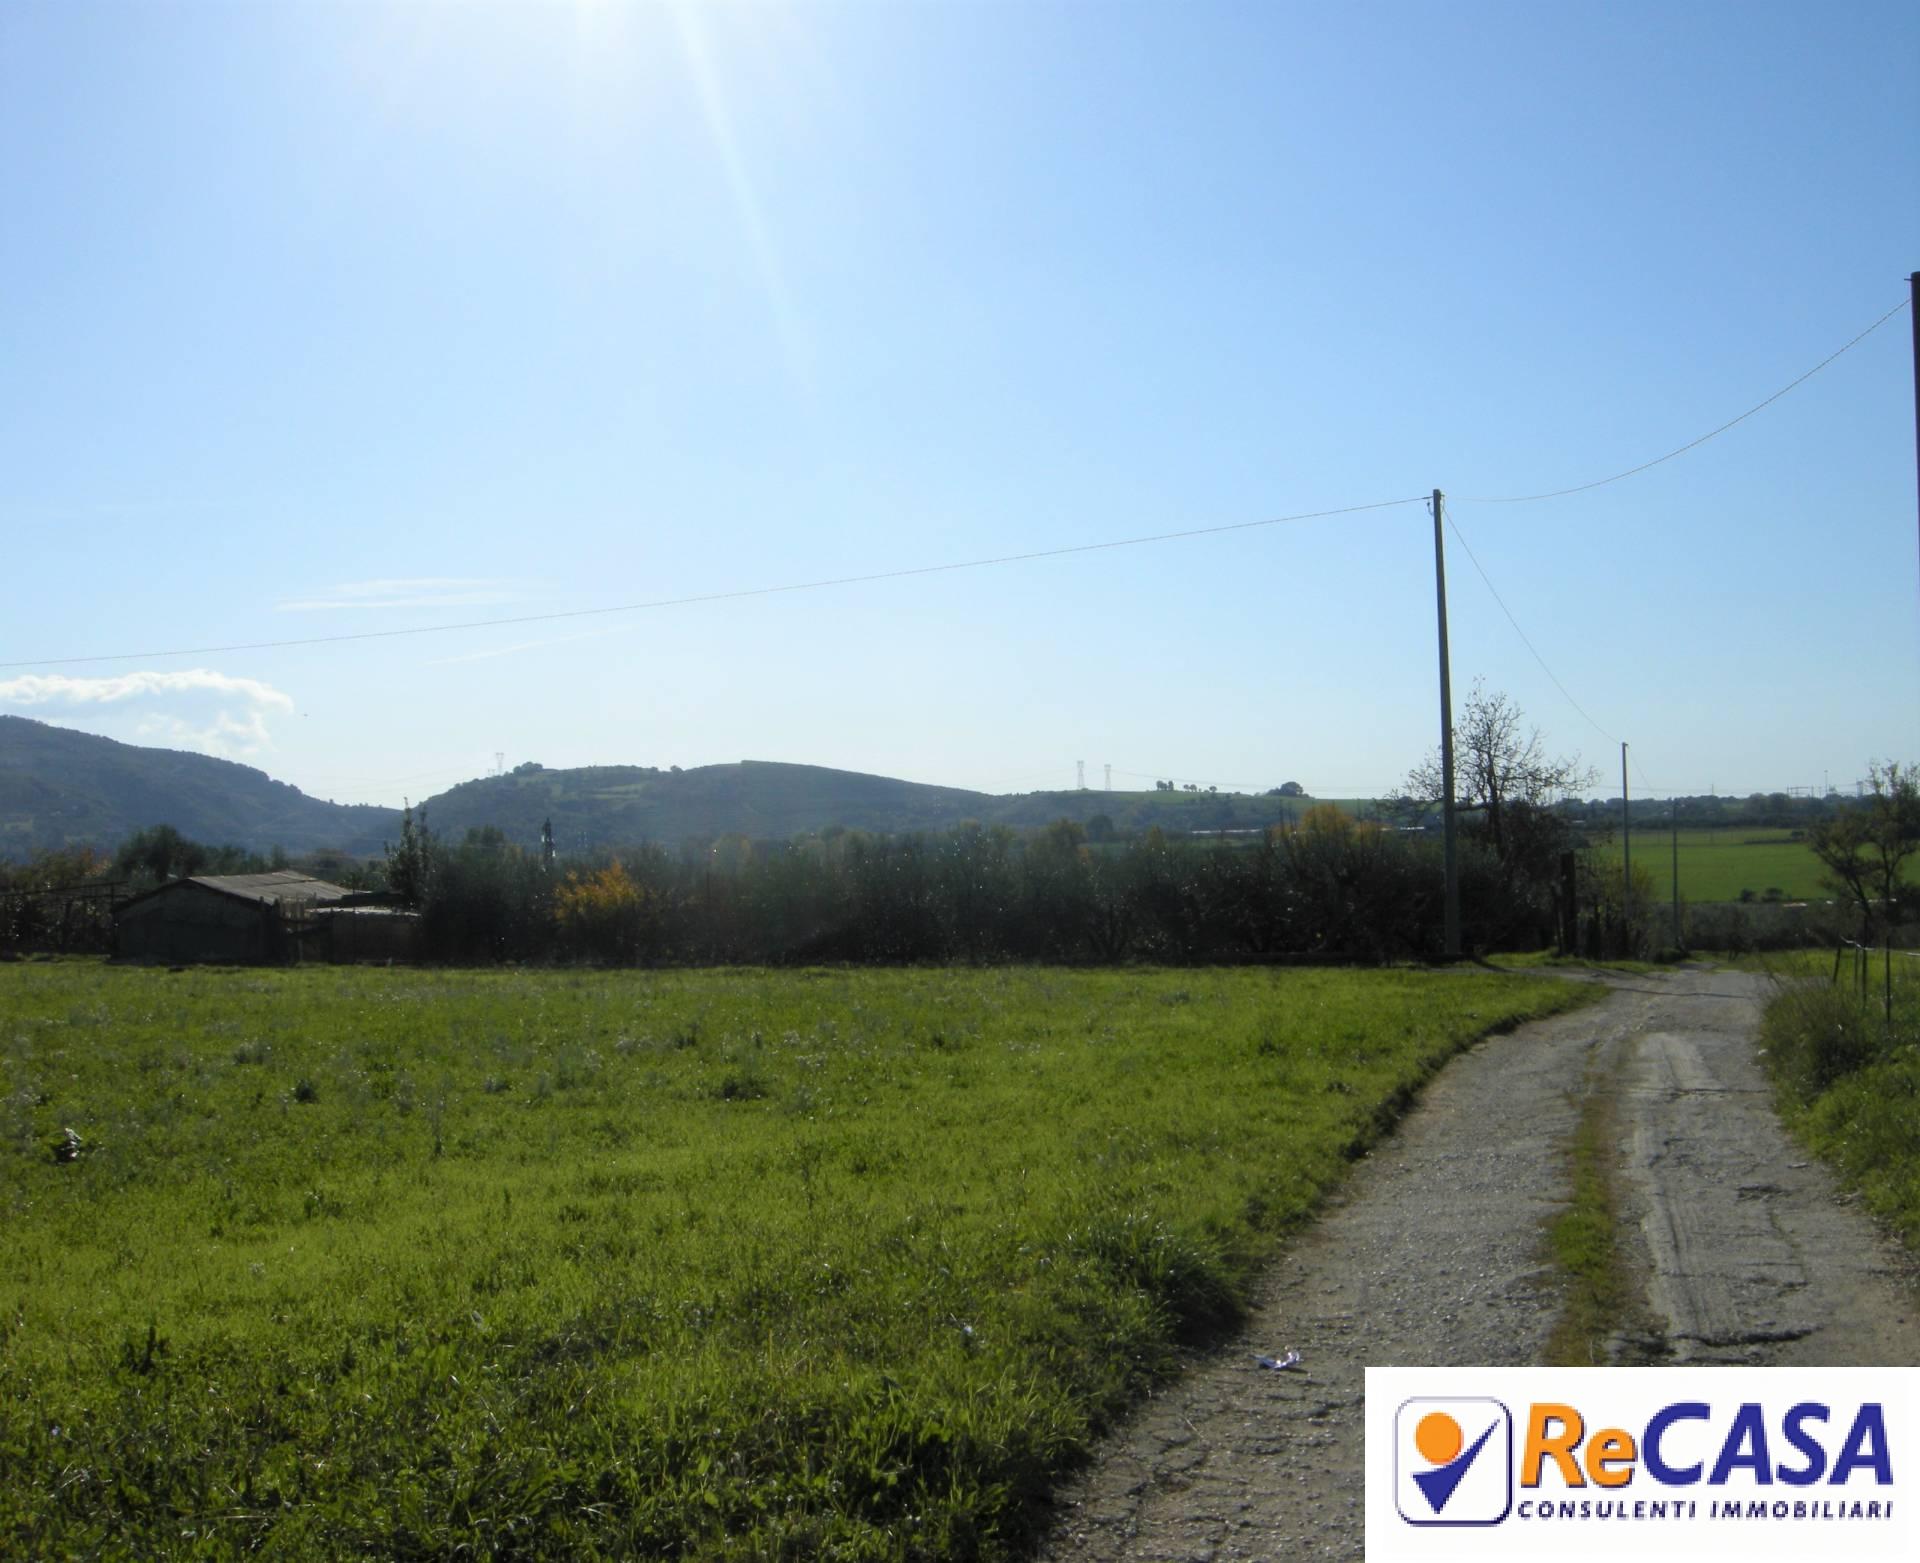 Terreno Agricolo in vendita a Bellizzi, 9999 locali, prezzo € 16.000 | Cambio Casa.it